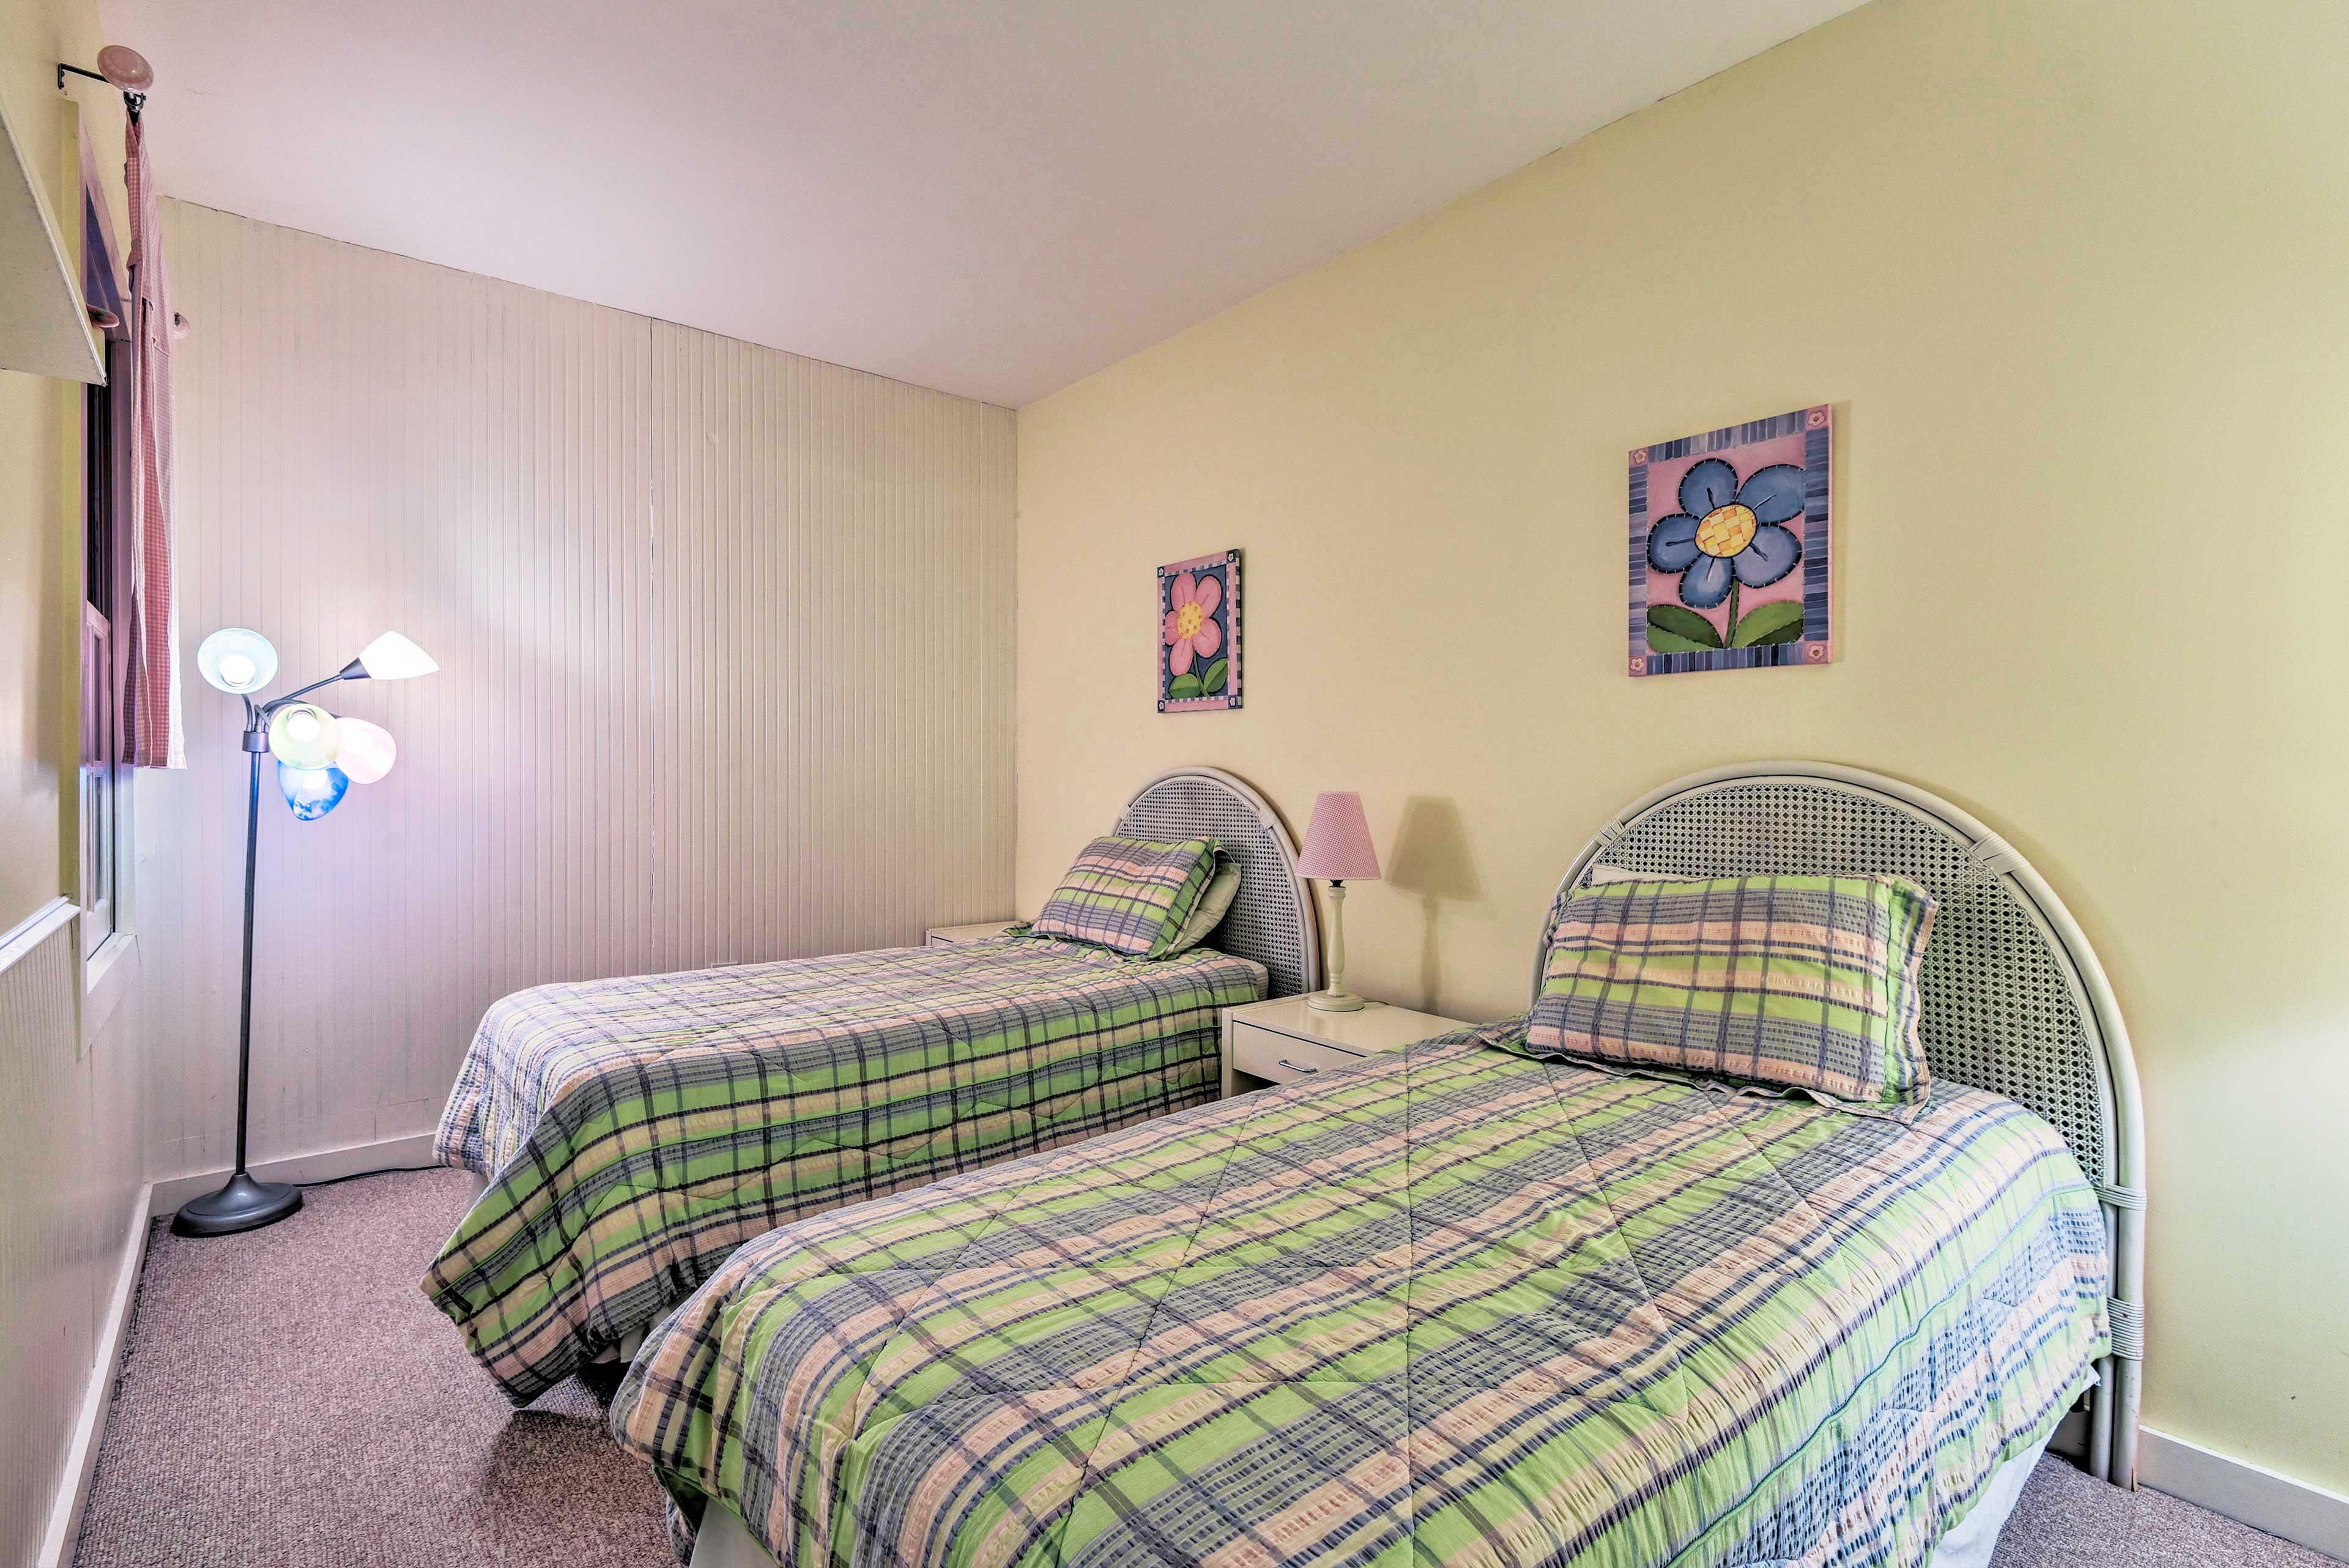 Find sleeping arrangements for 2 in the bonus room.